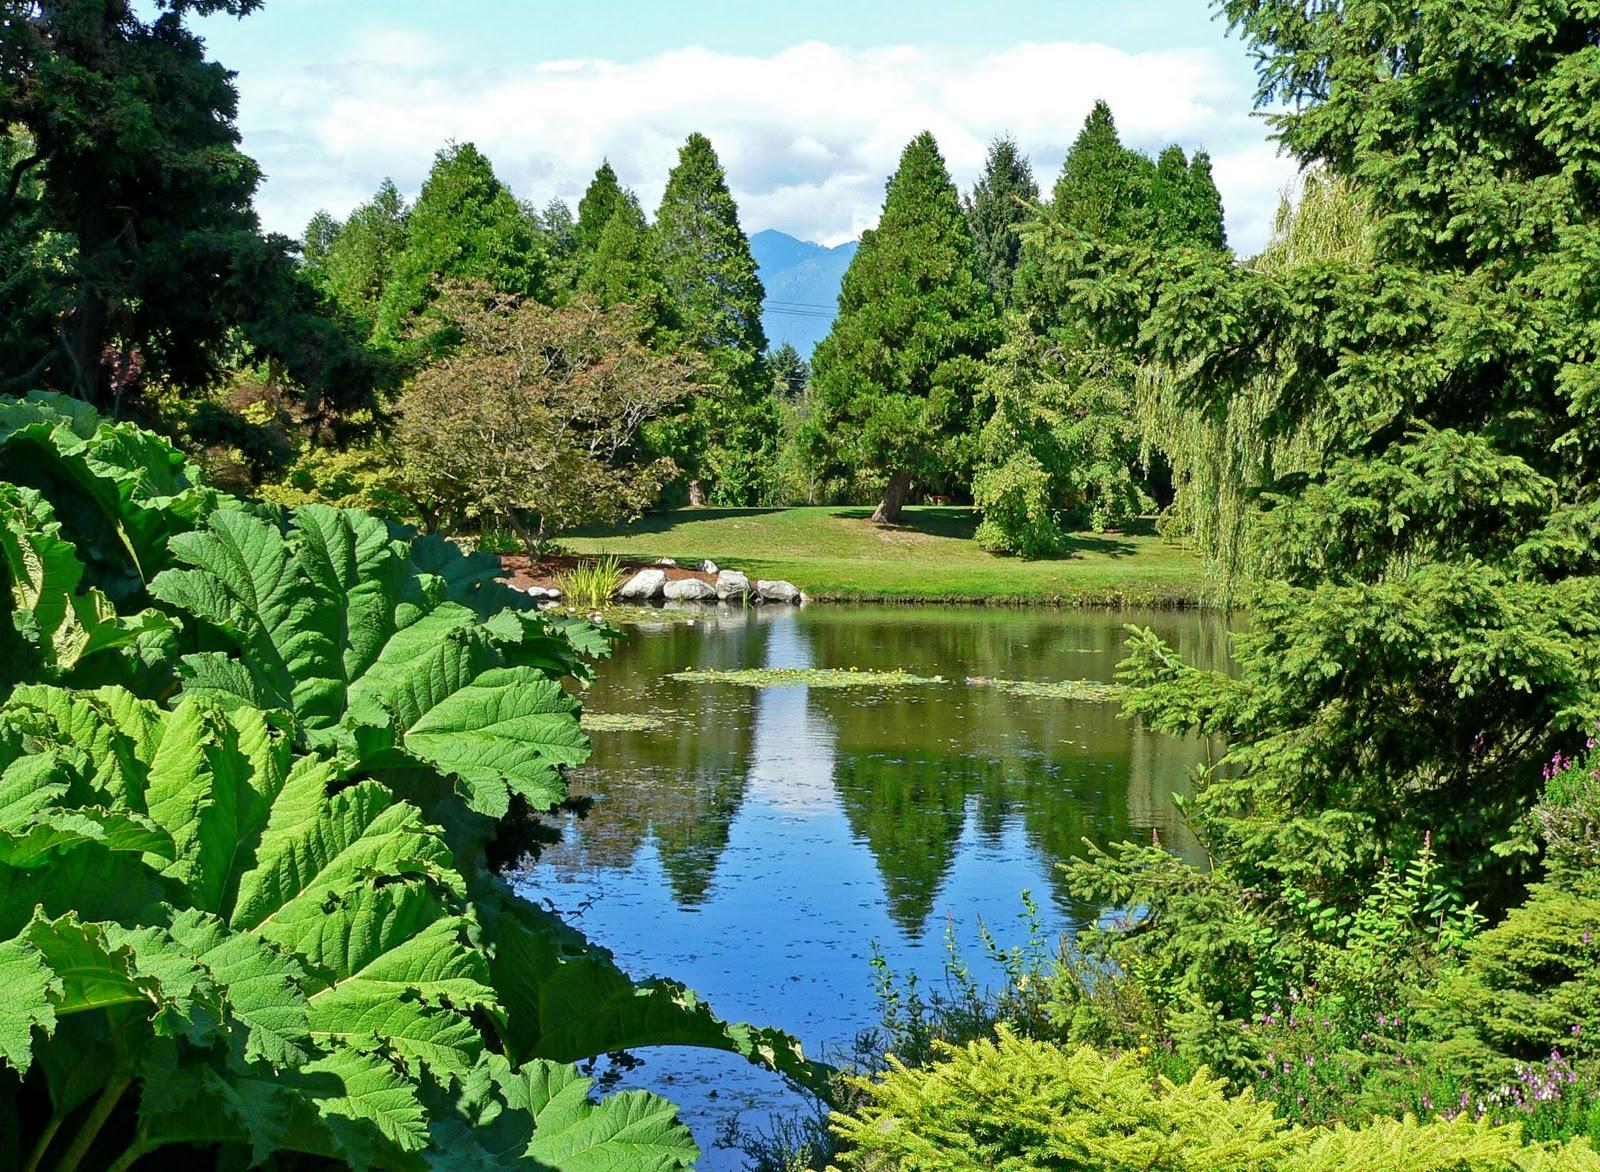 http://4.bp.blogspot.com/_0cQvKcG8fOQ/TRx30WirknI/AAAAAAAAAEQ/3j5dkfdRMAA/s1600/VanDusen_Botanical_Garden_1.jpg